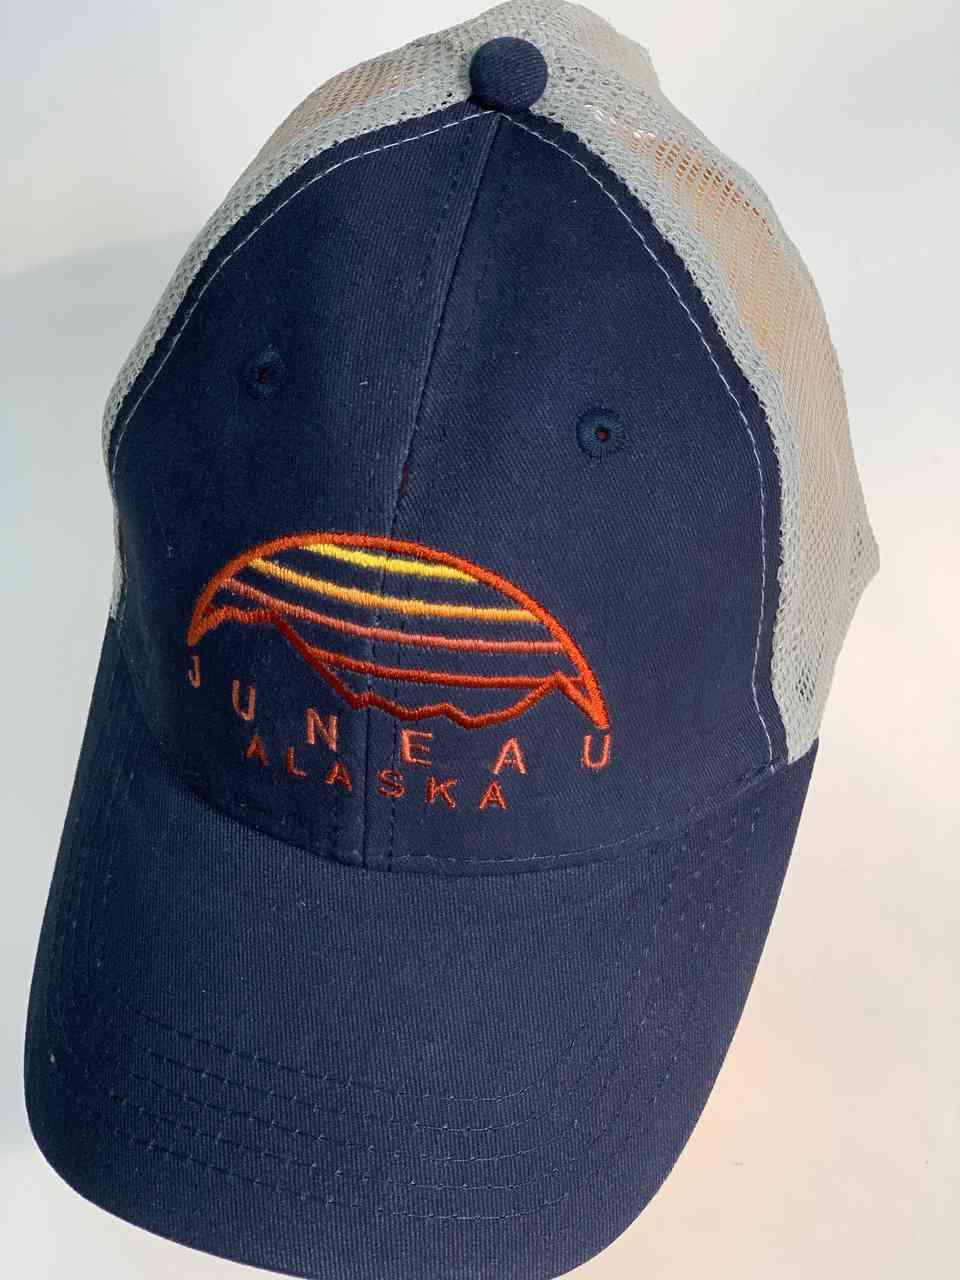 Синяя бейсболка с сеткой JUNEAU ALASKA